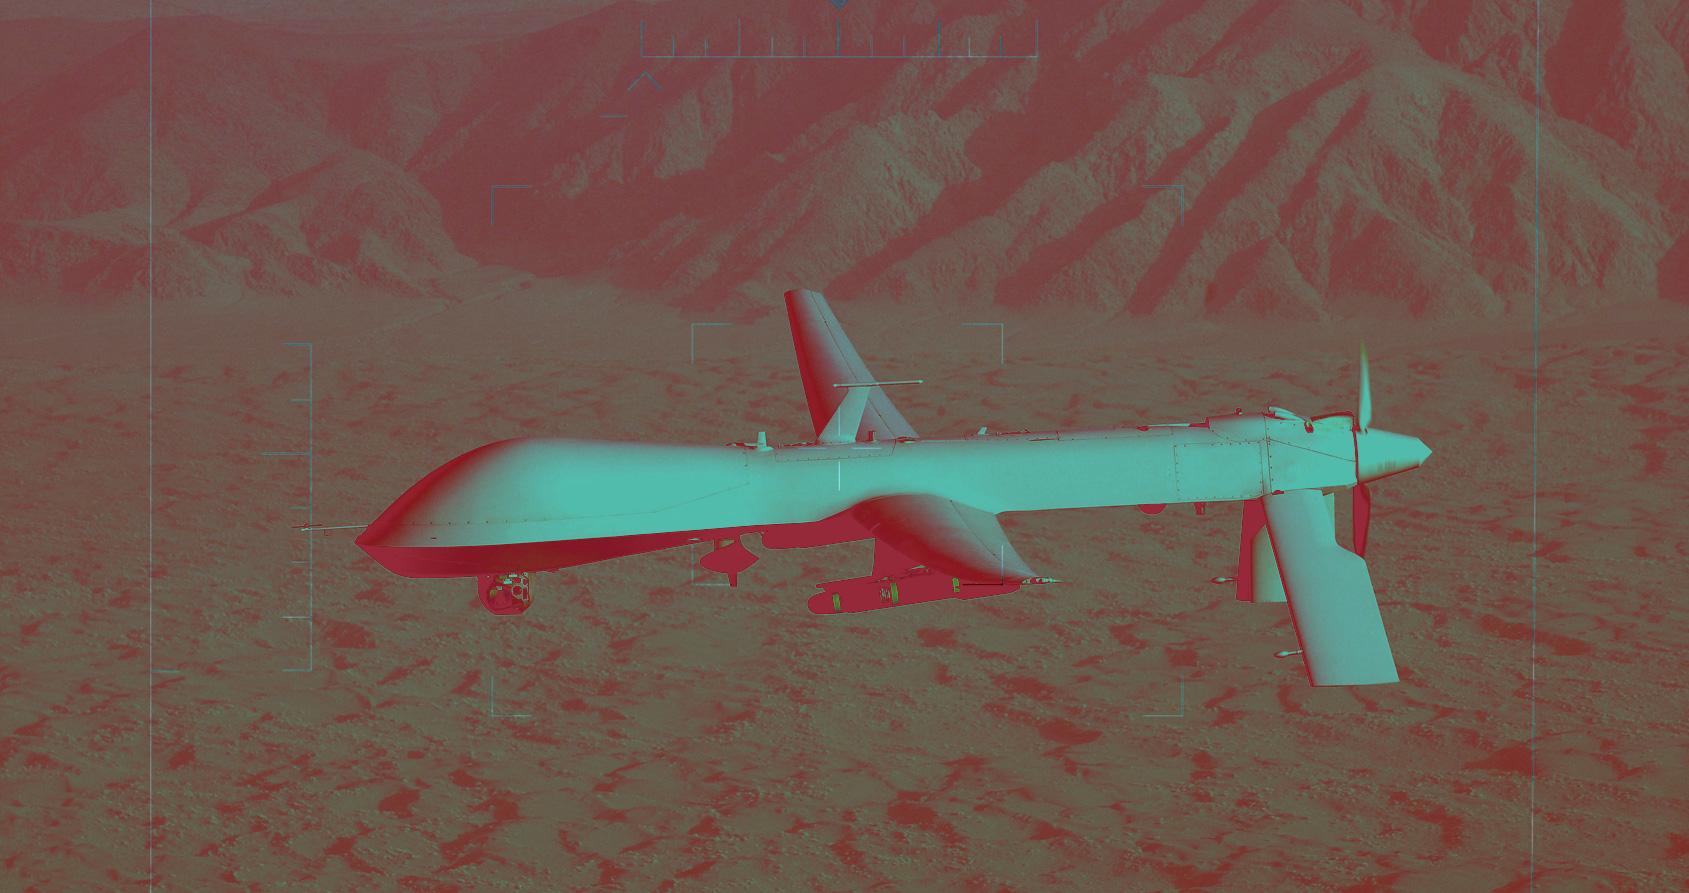 Des pilotes traumatisés racontent l'horreur de la guerre des drones